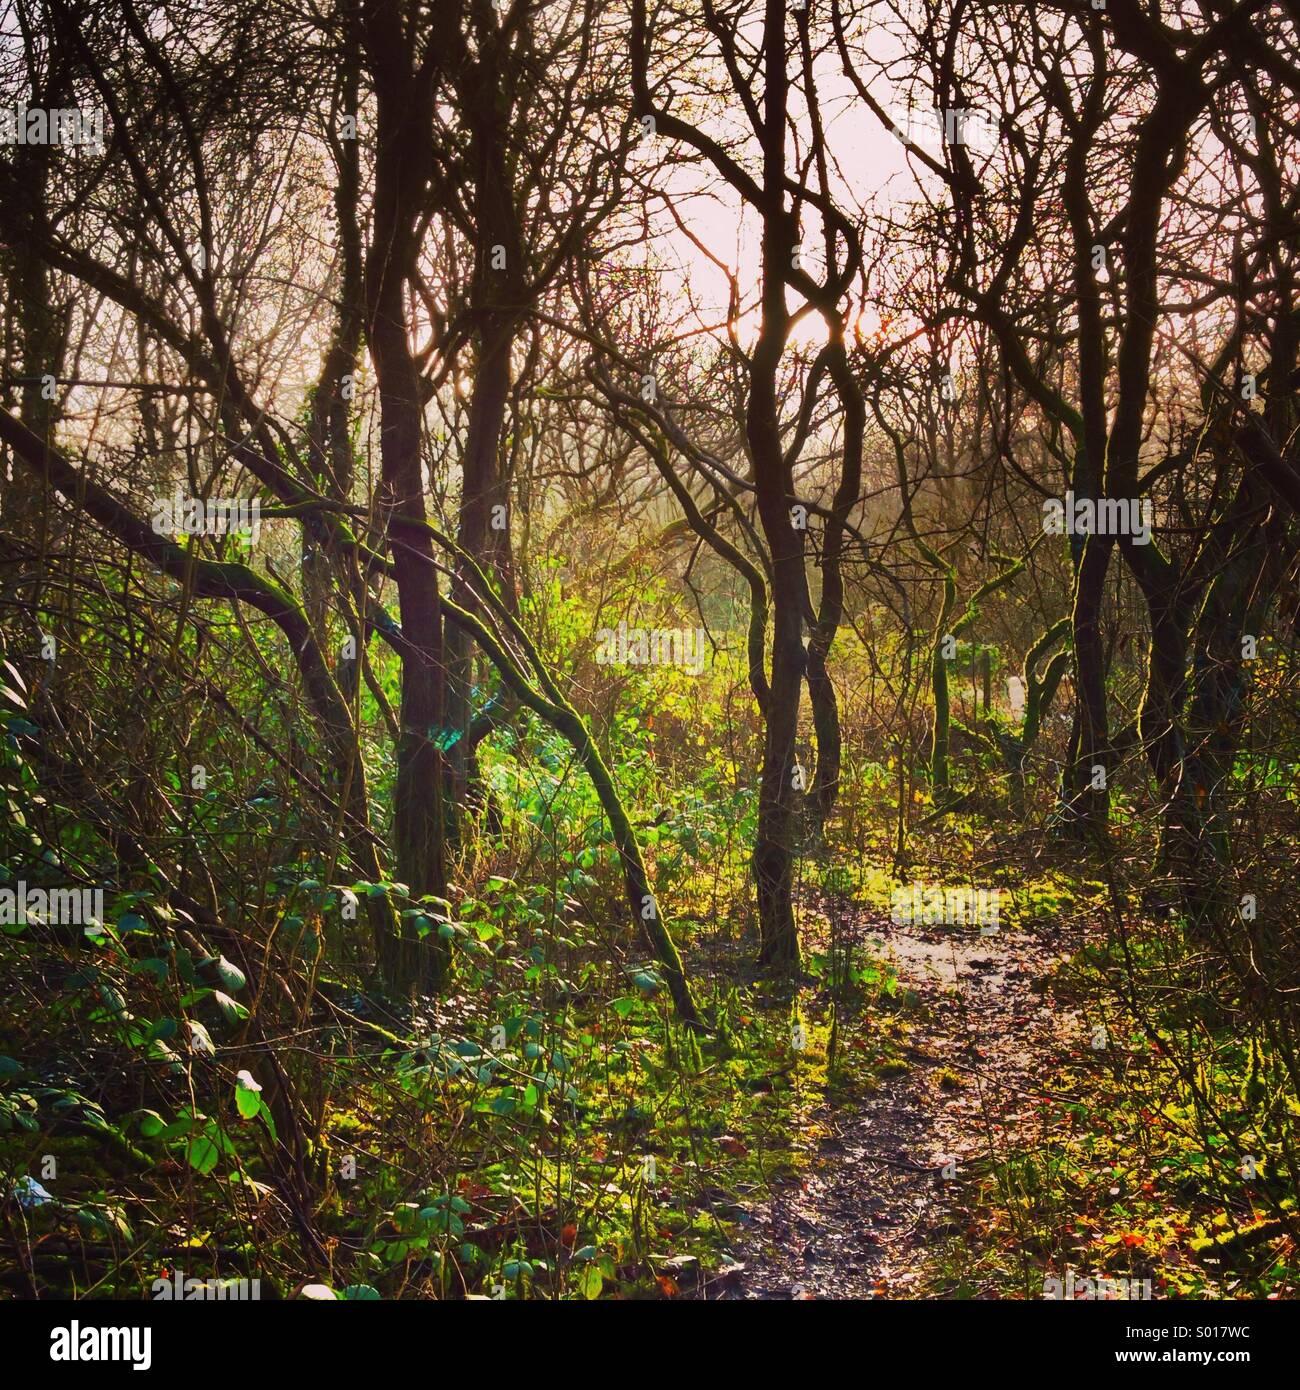 Vista a través de los densos bosques del bosque húmedo, con el sol brillando a través de los árboles Foto de stock